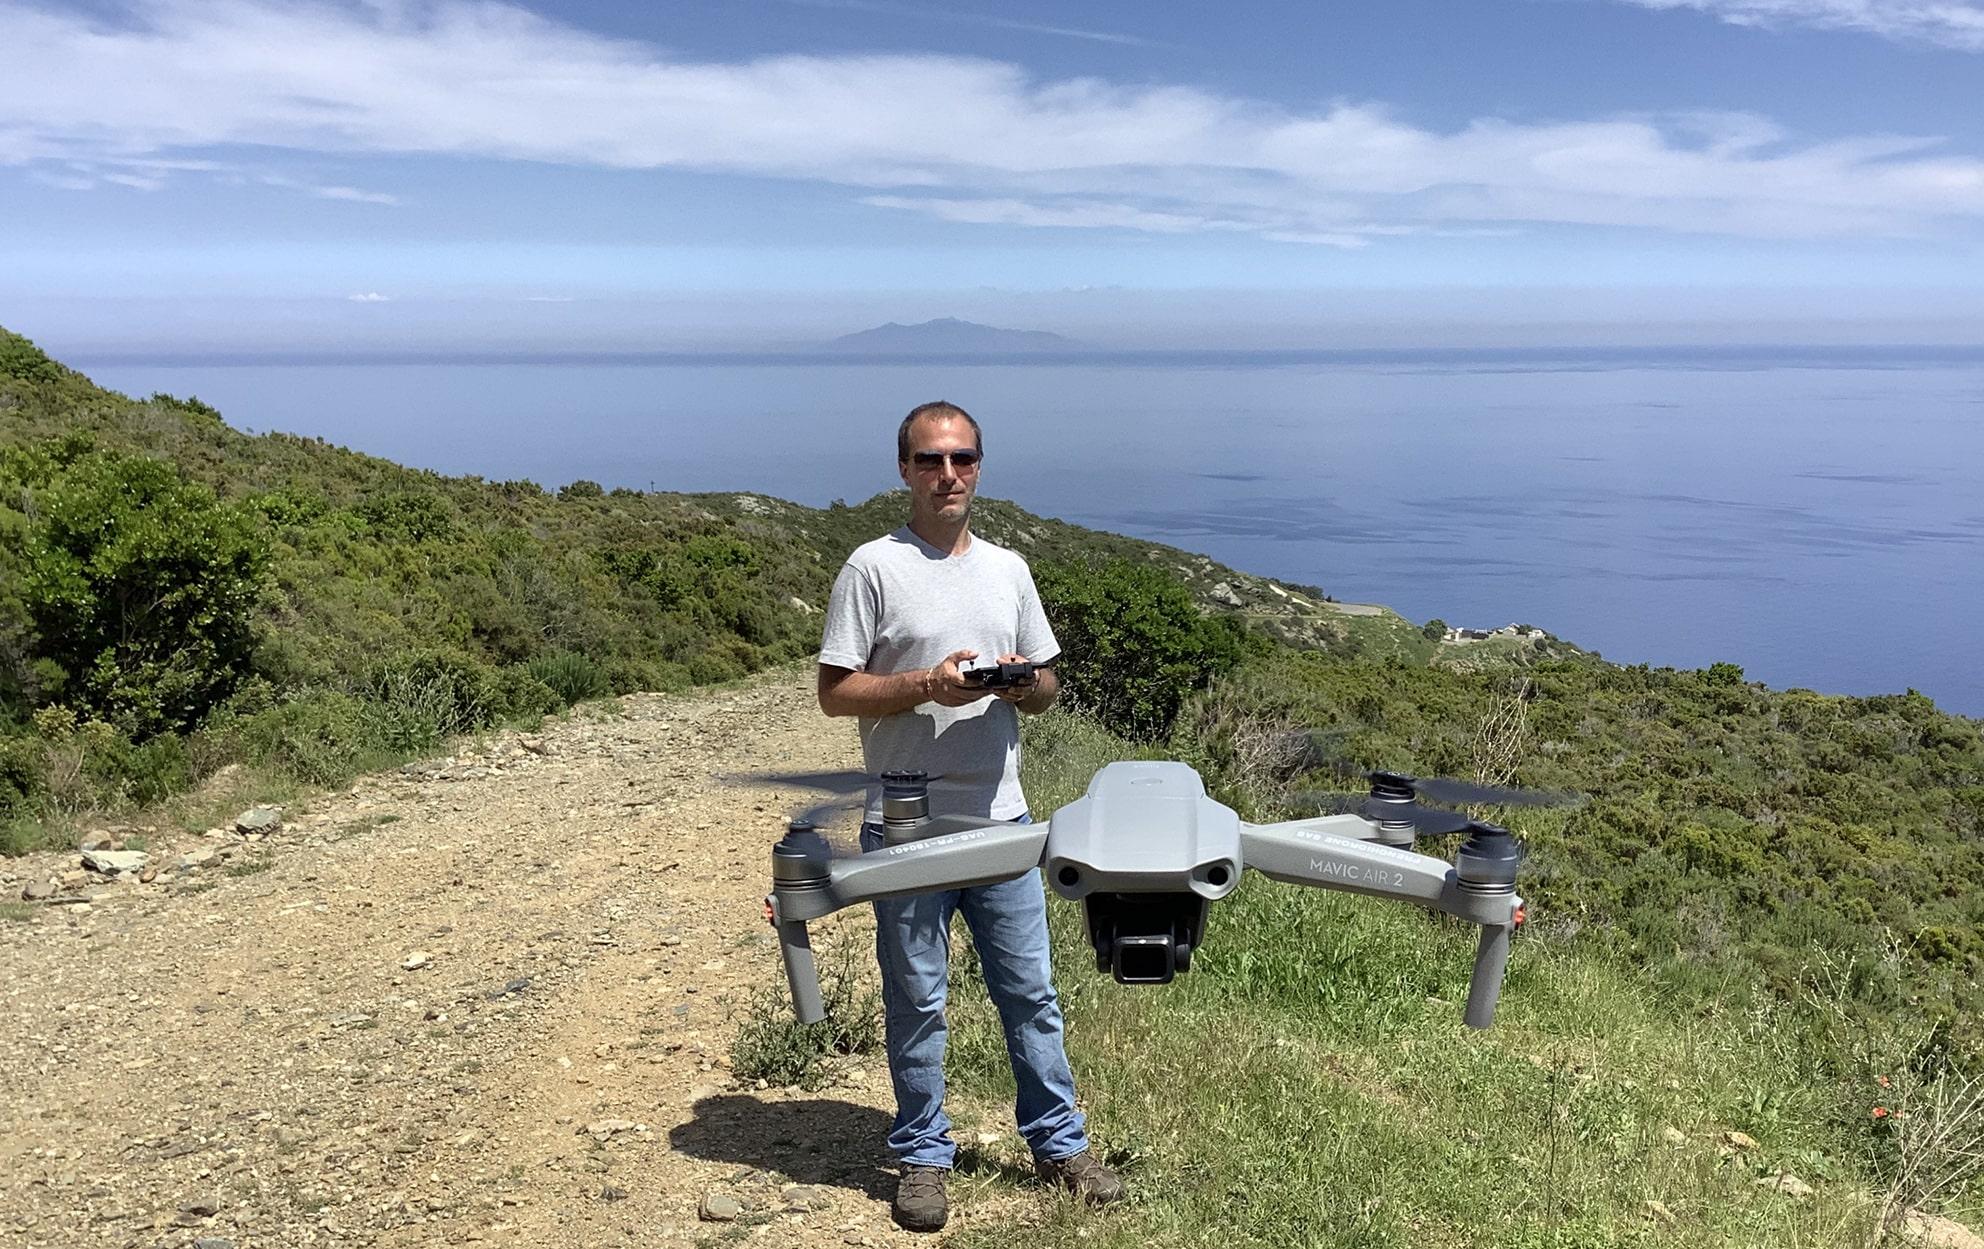 Formation-drone-cadre-magnifique2-min